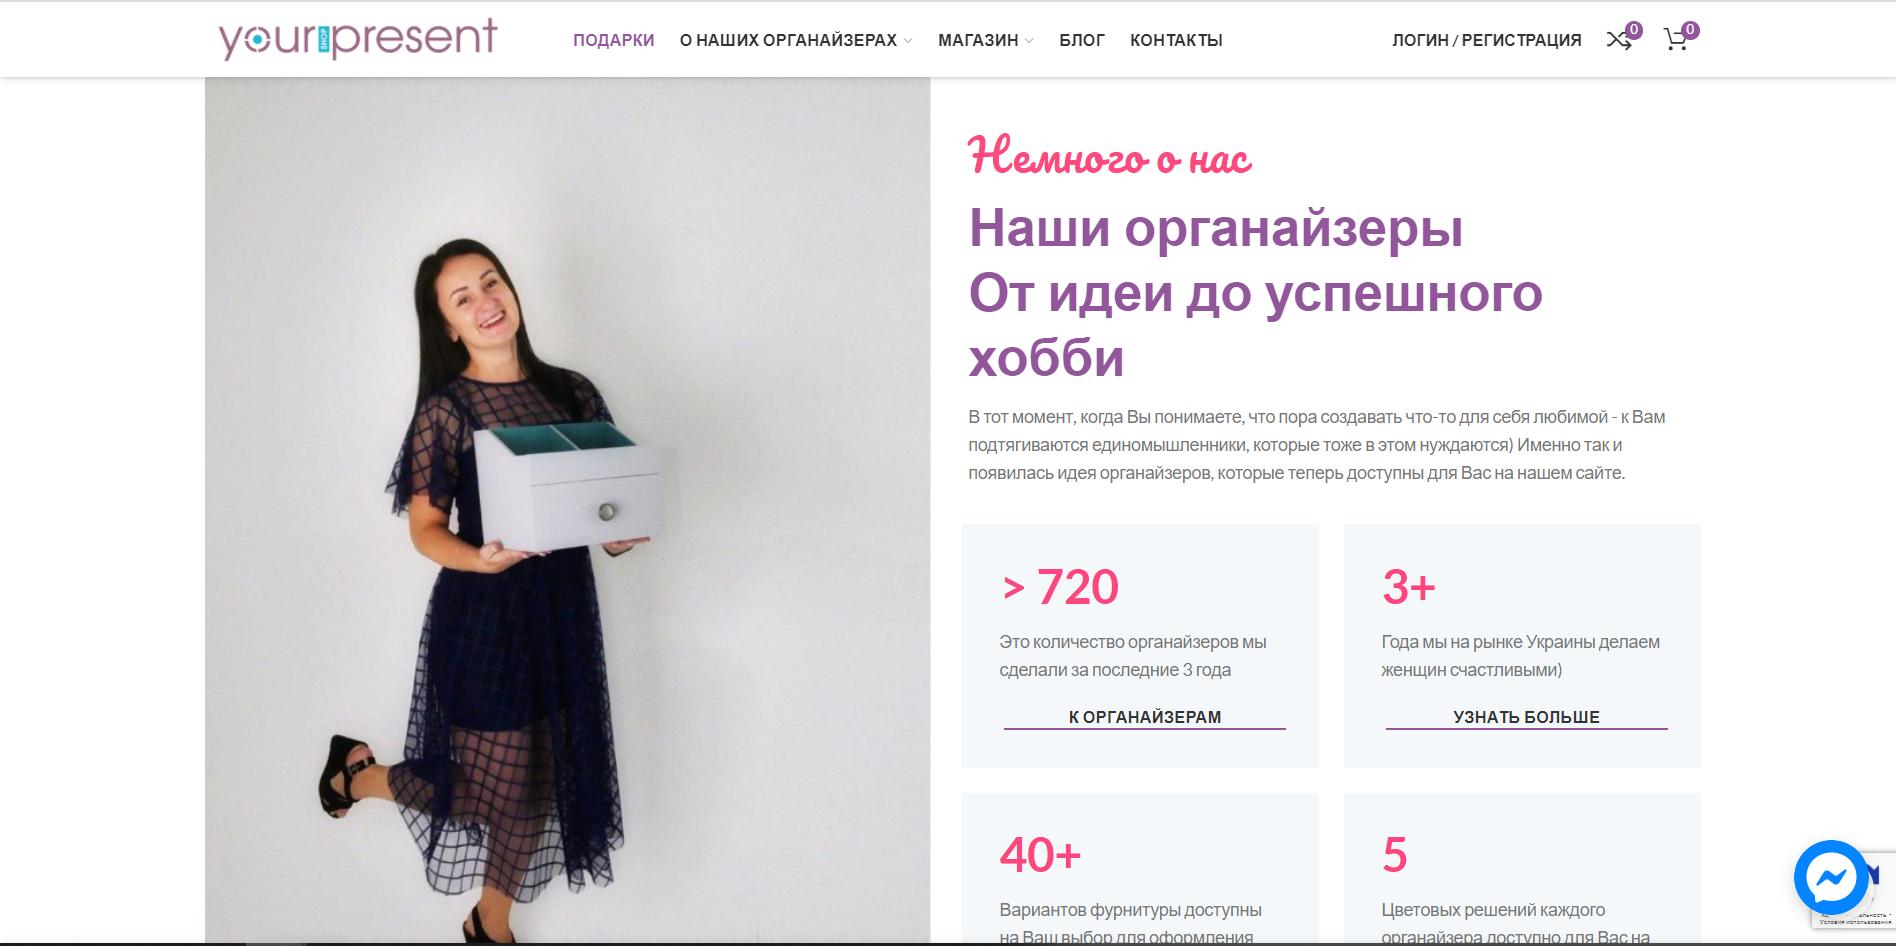 Органайзеры для косметики | YourPresent Shop | iProWeb